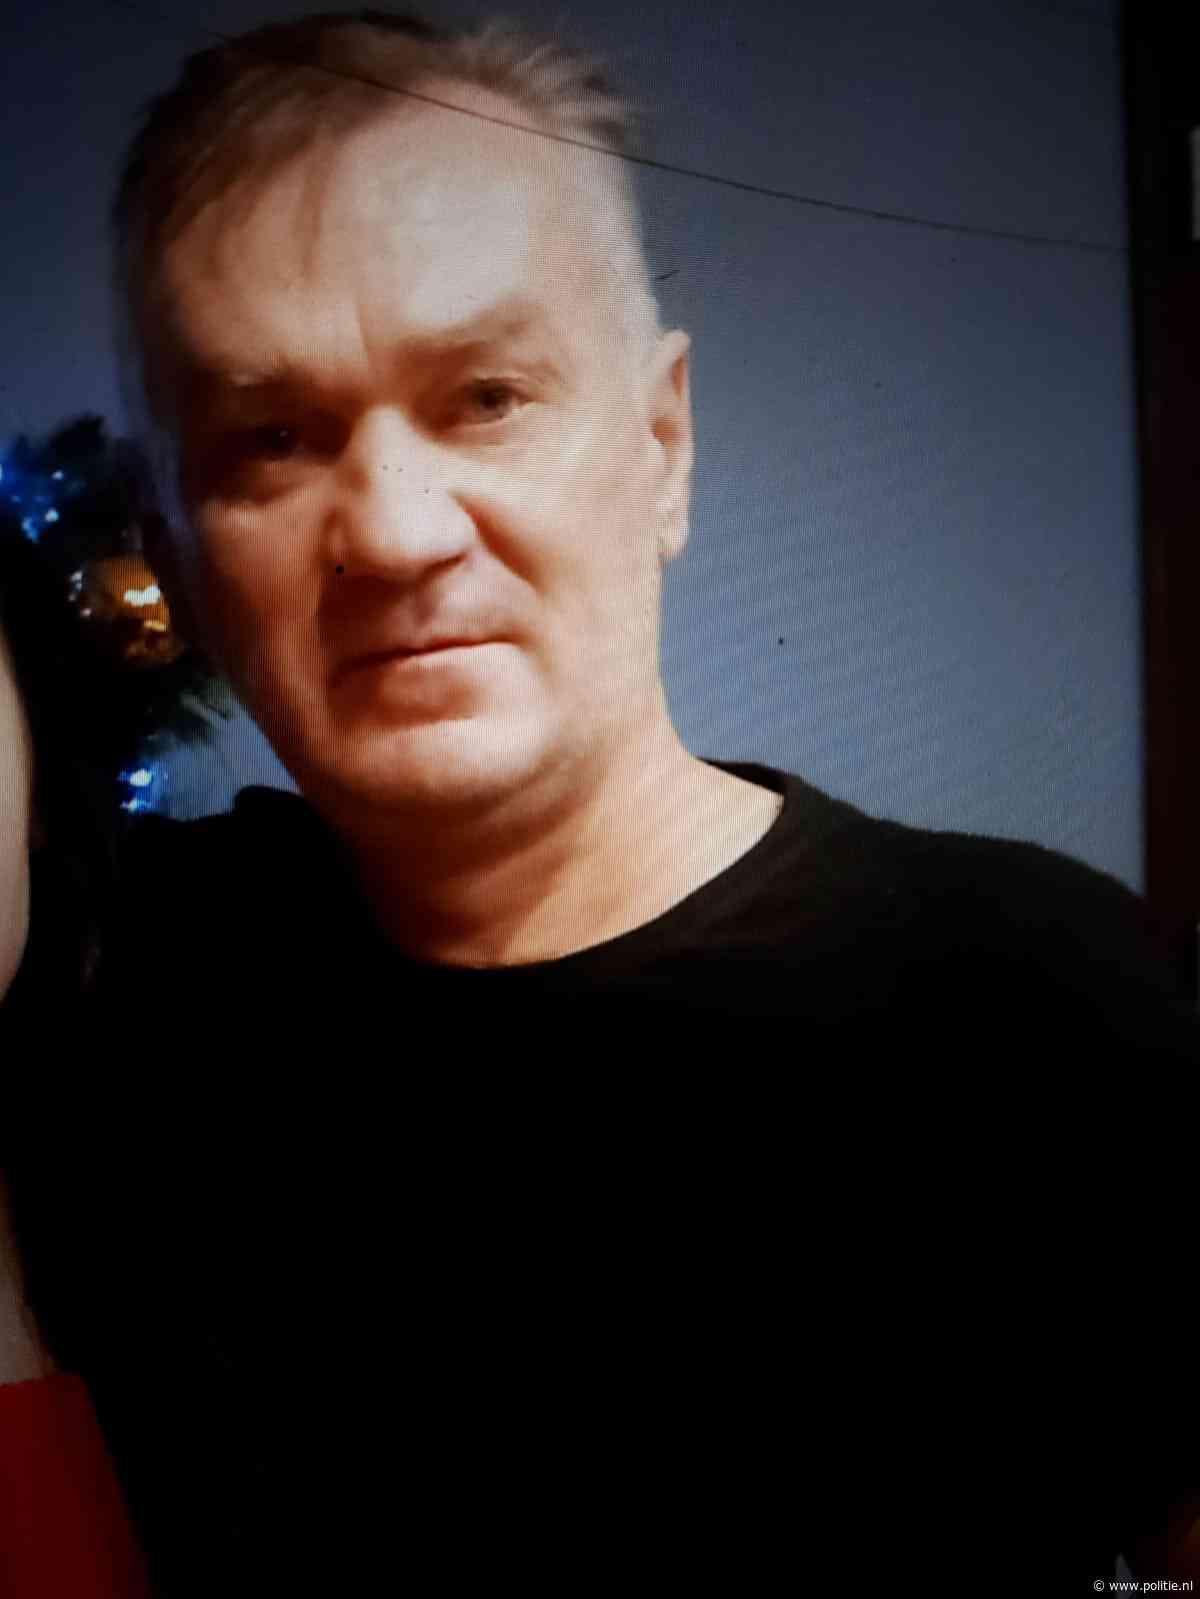 Amerongen (Nld) - Policja nadal poszukuje zaginionego Adama Szkwarka